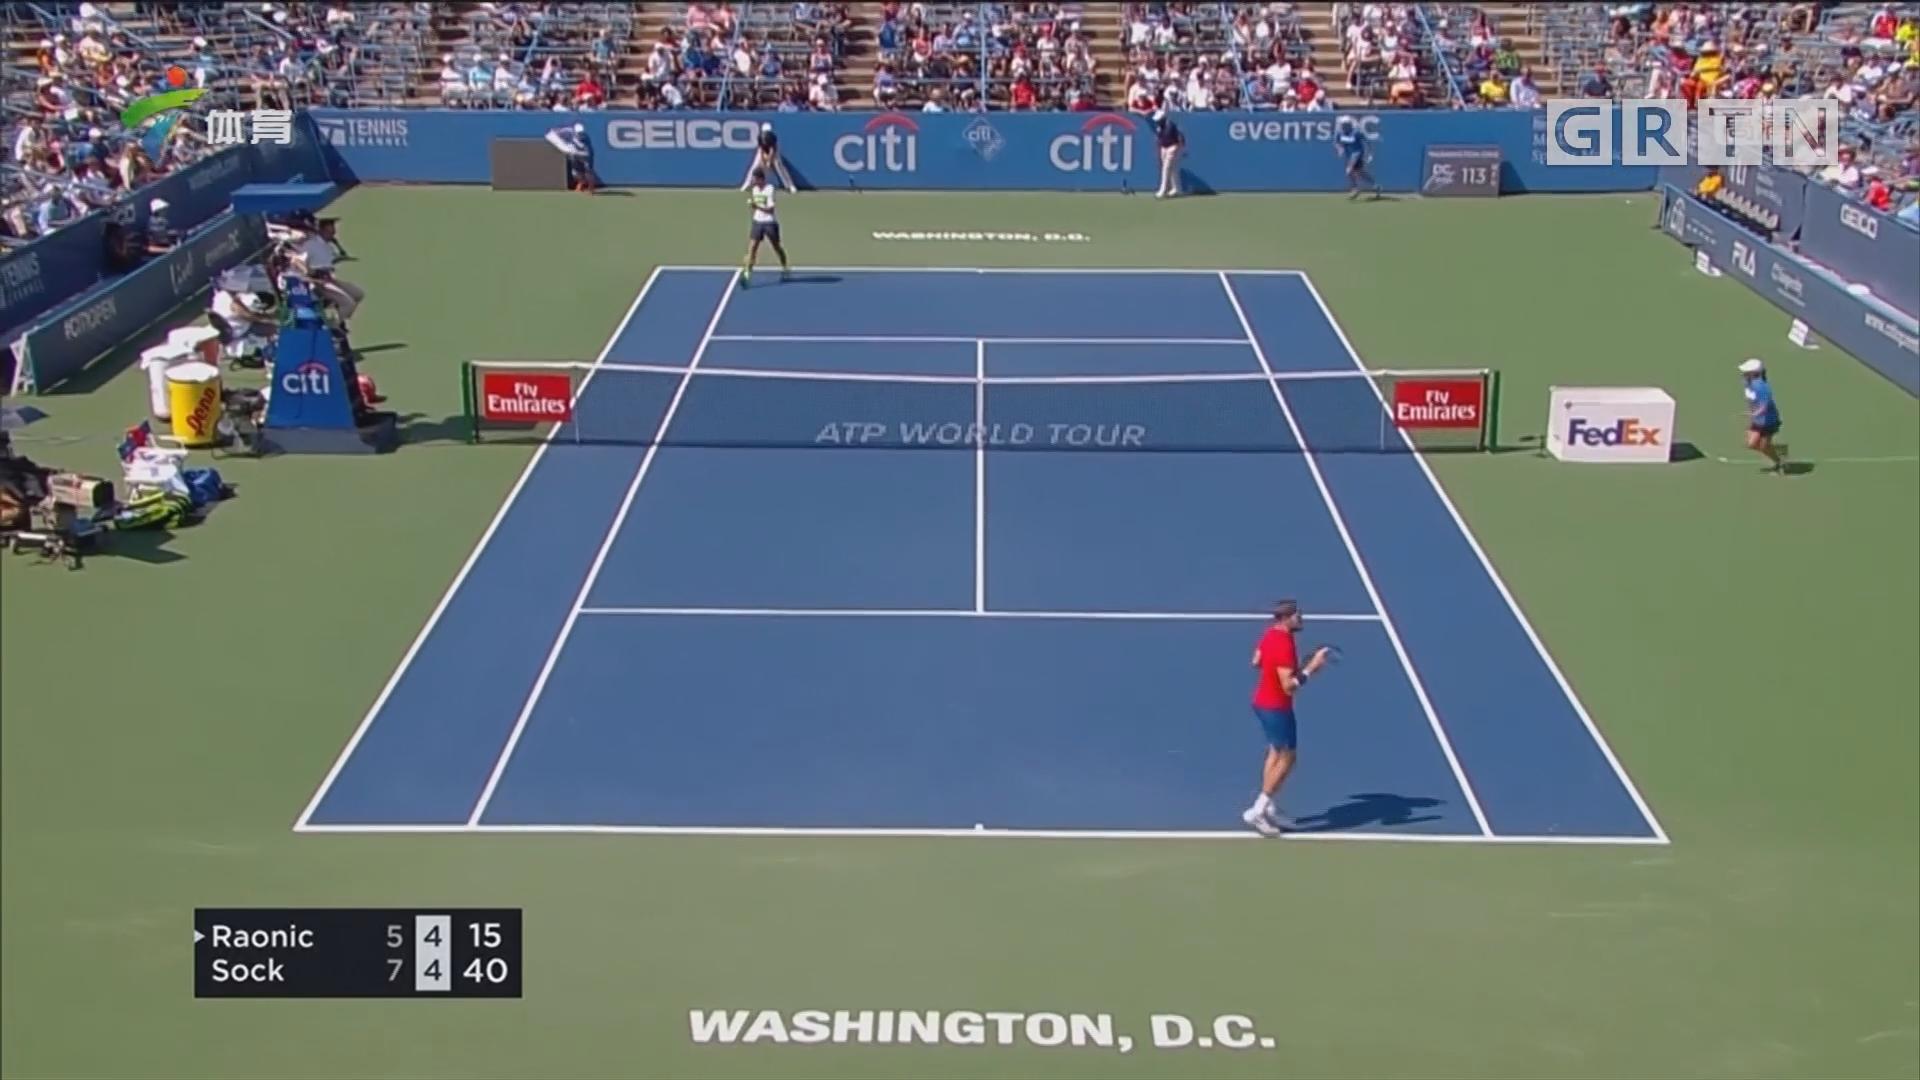 ATP华盛顿赛 索克完胜拉奥尼奇进四强